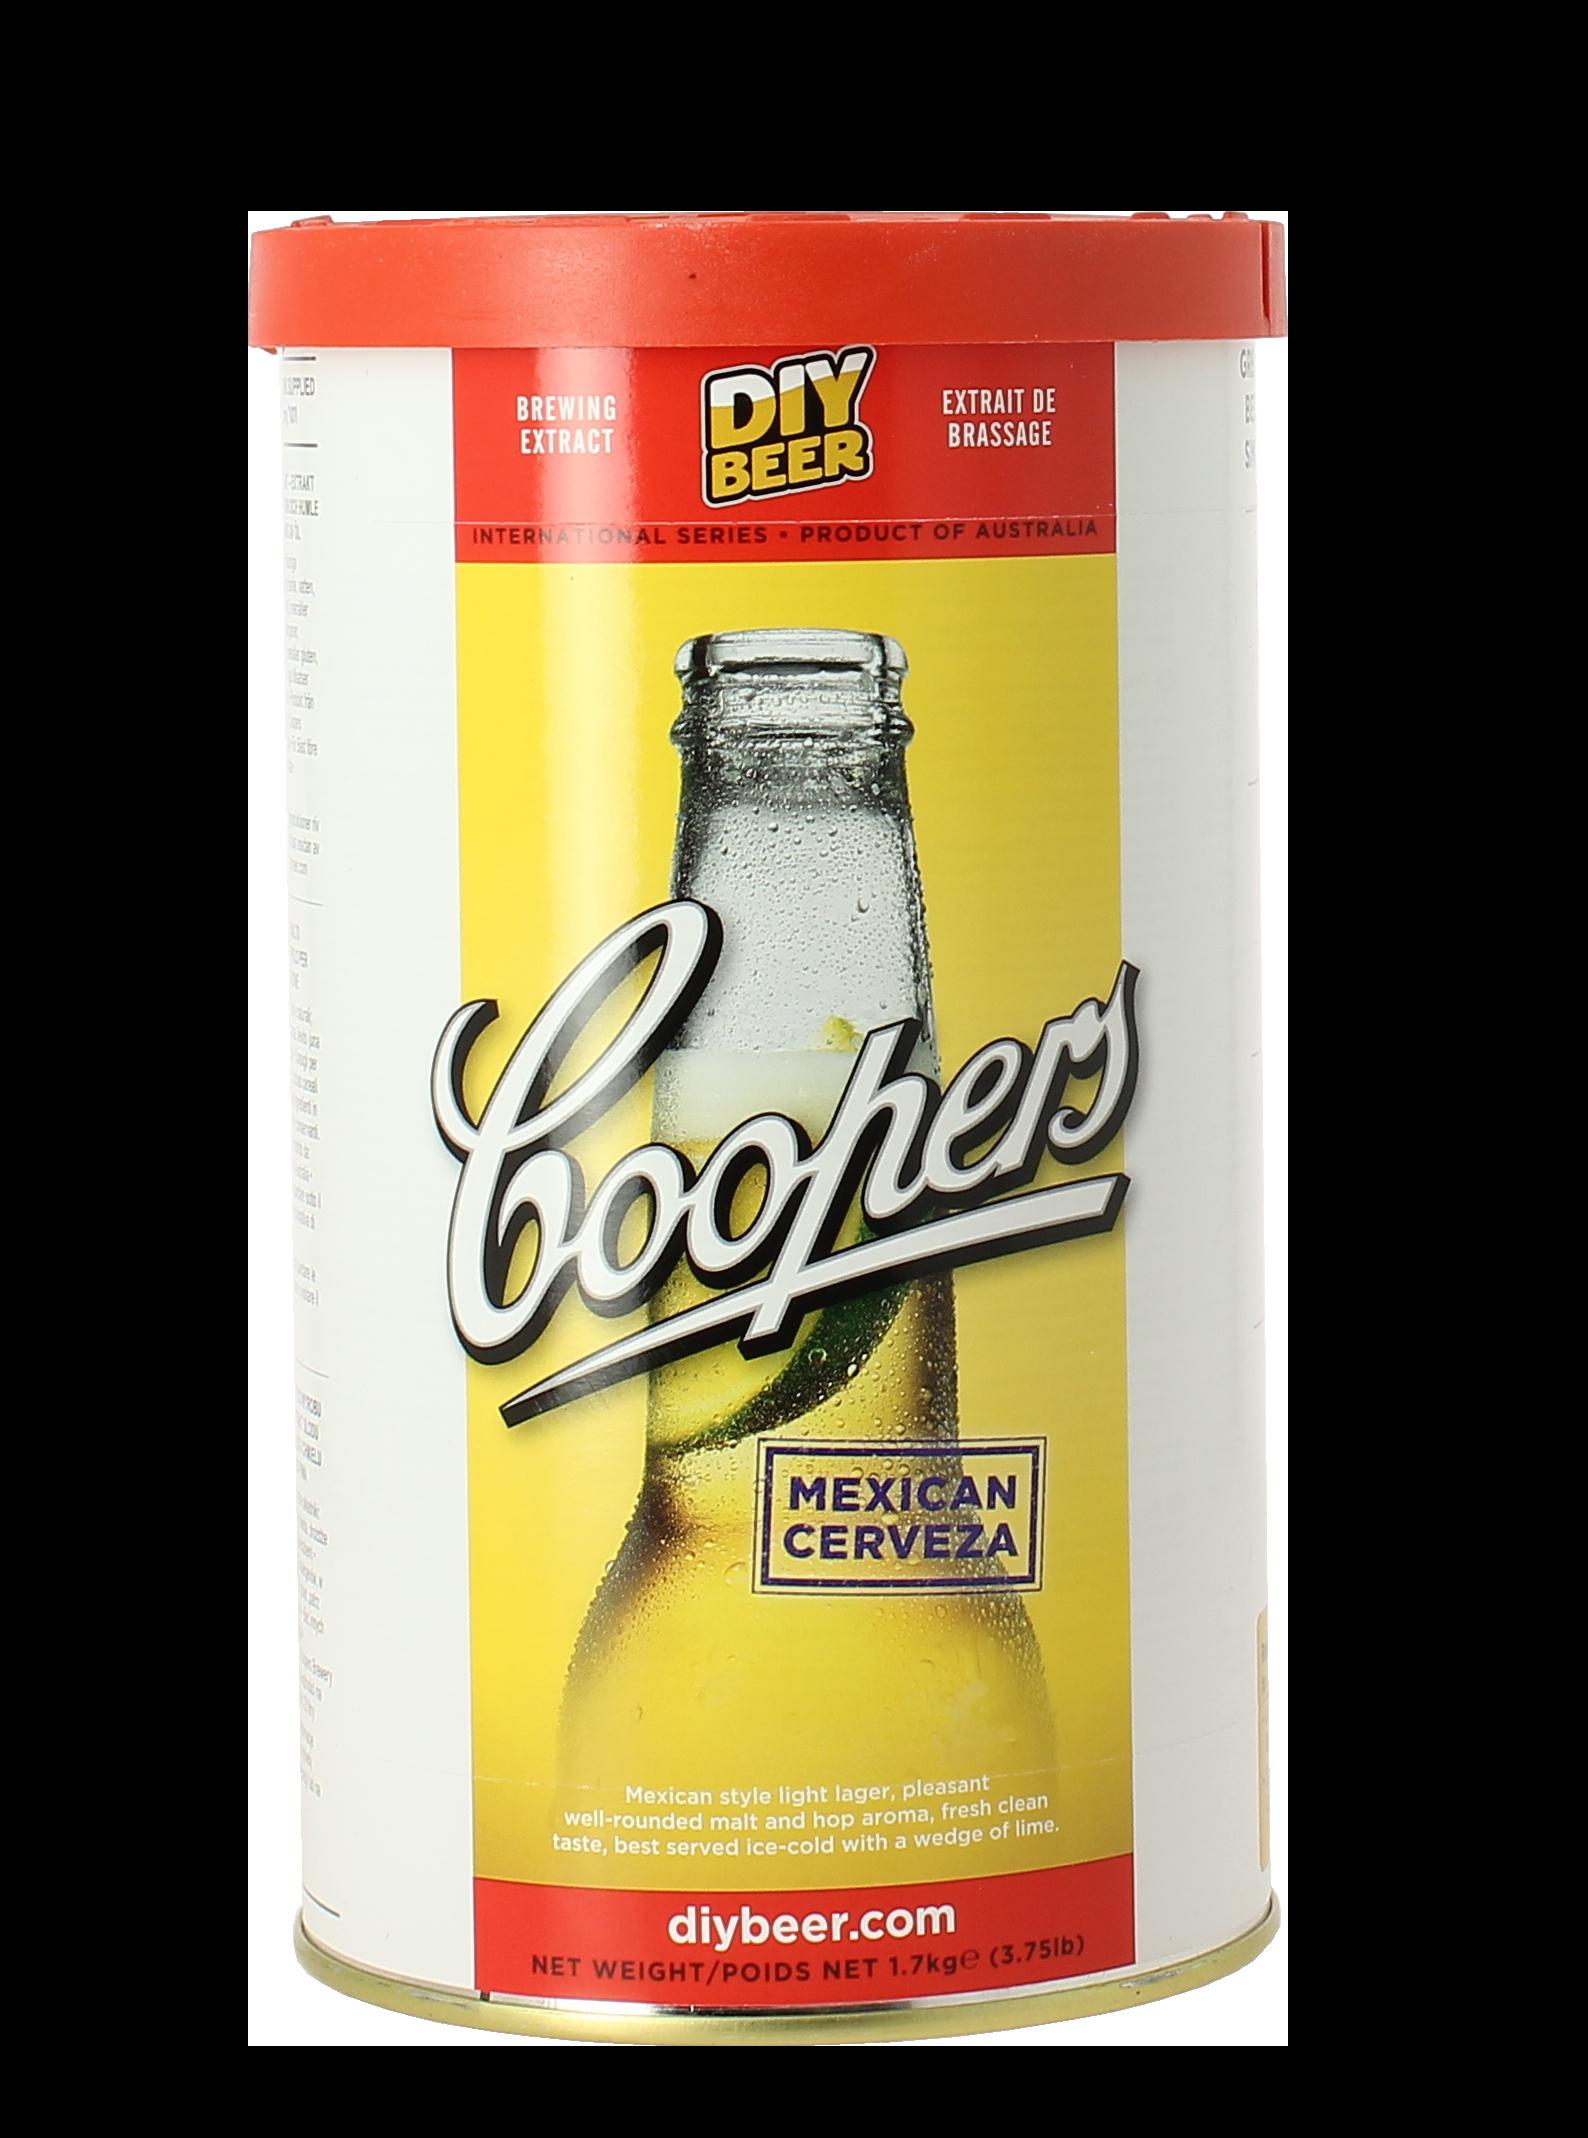 Kit de bière Cooper Mexican Cerveza